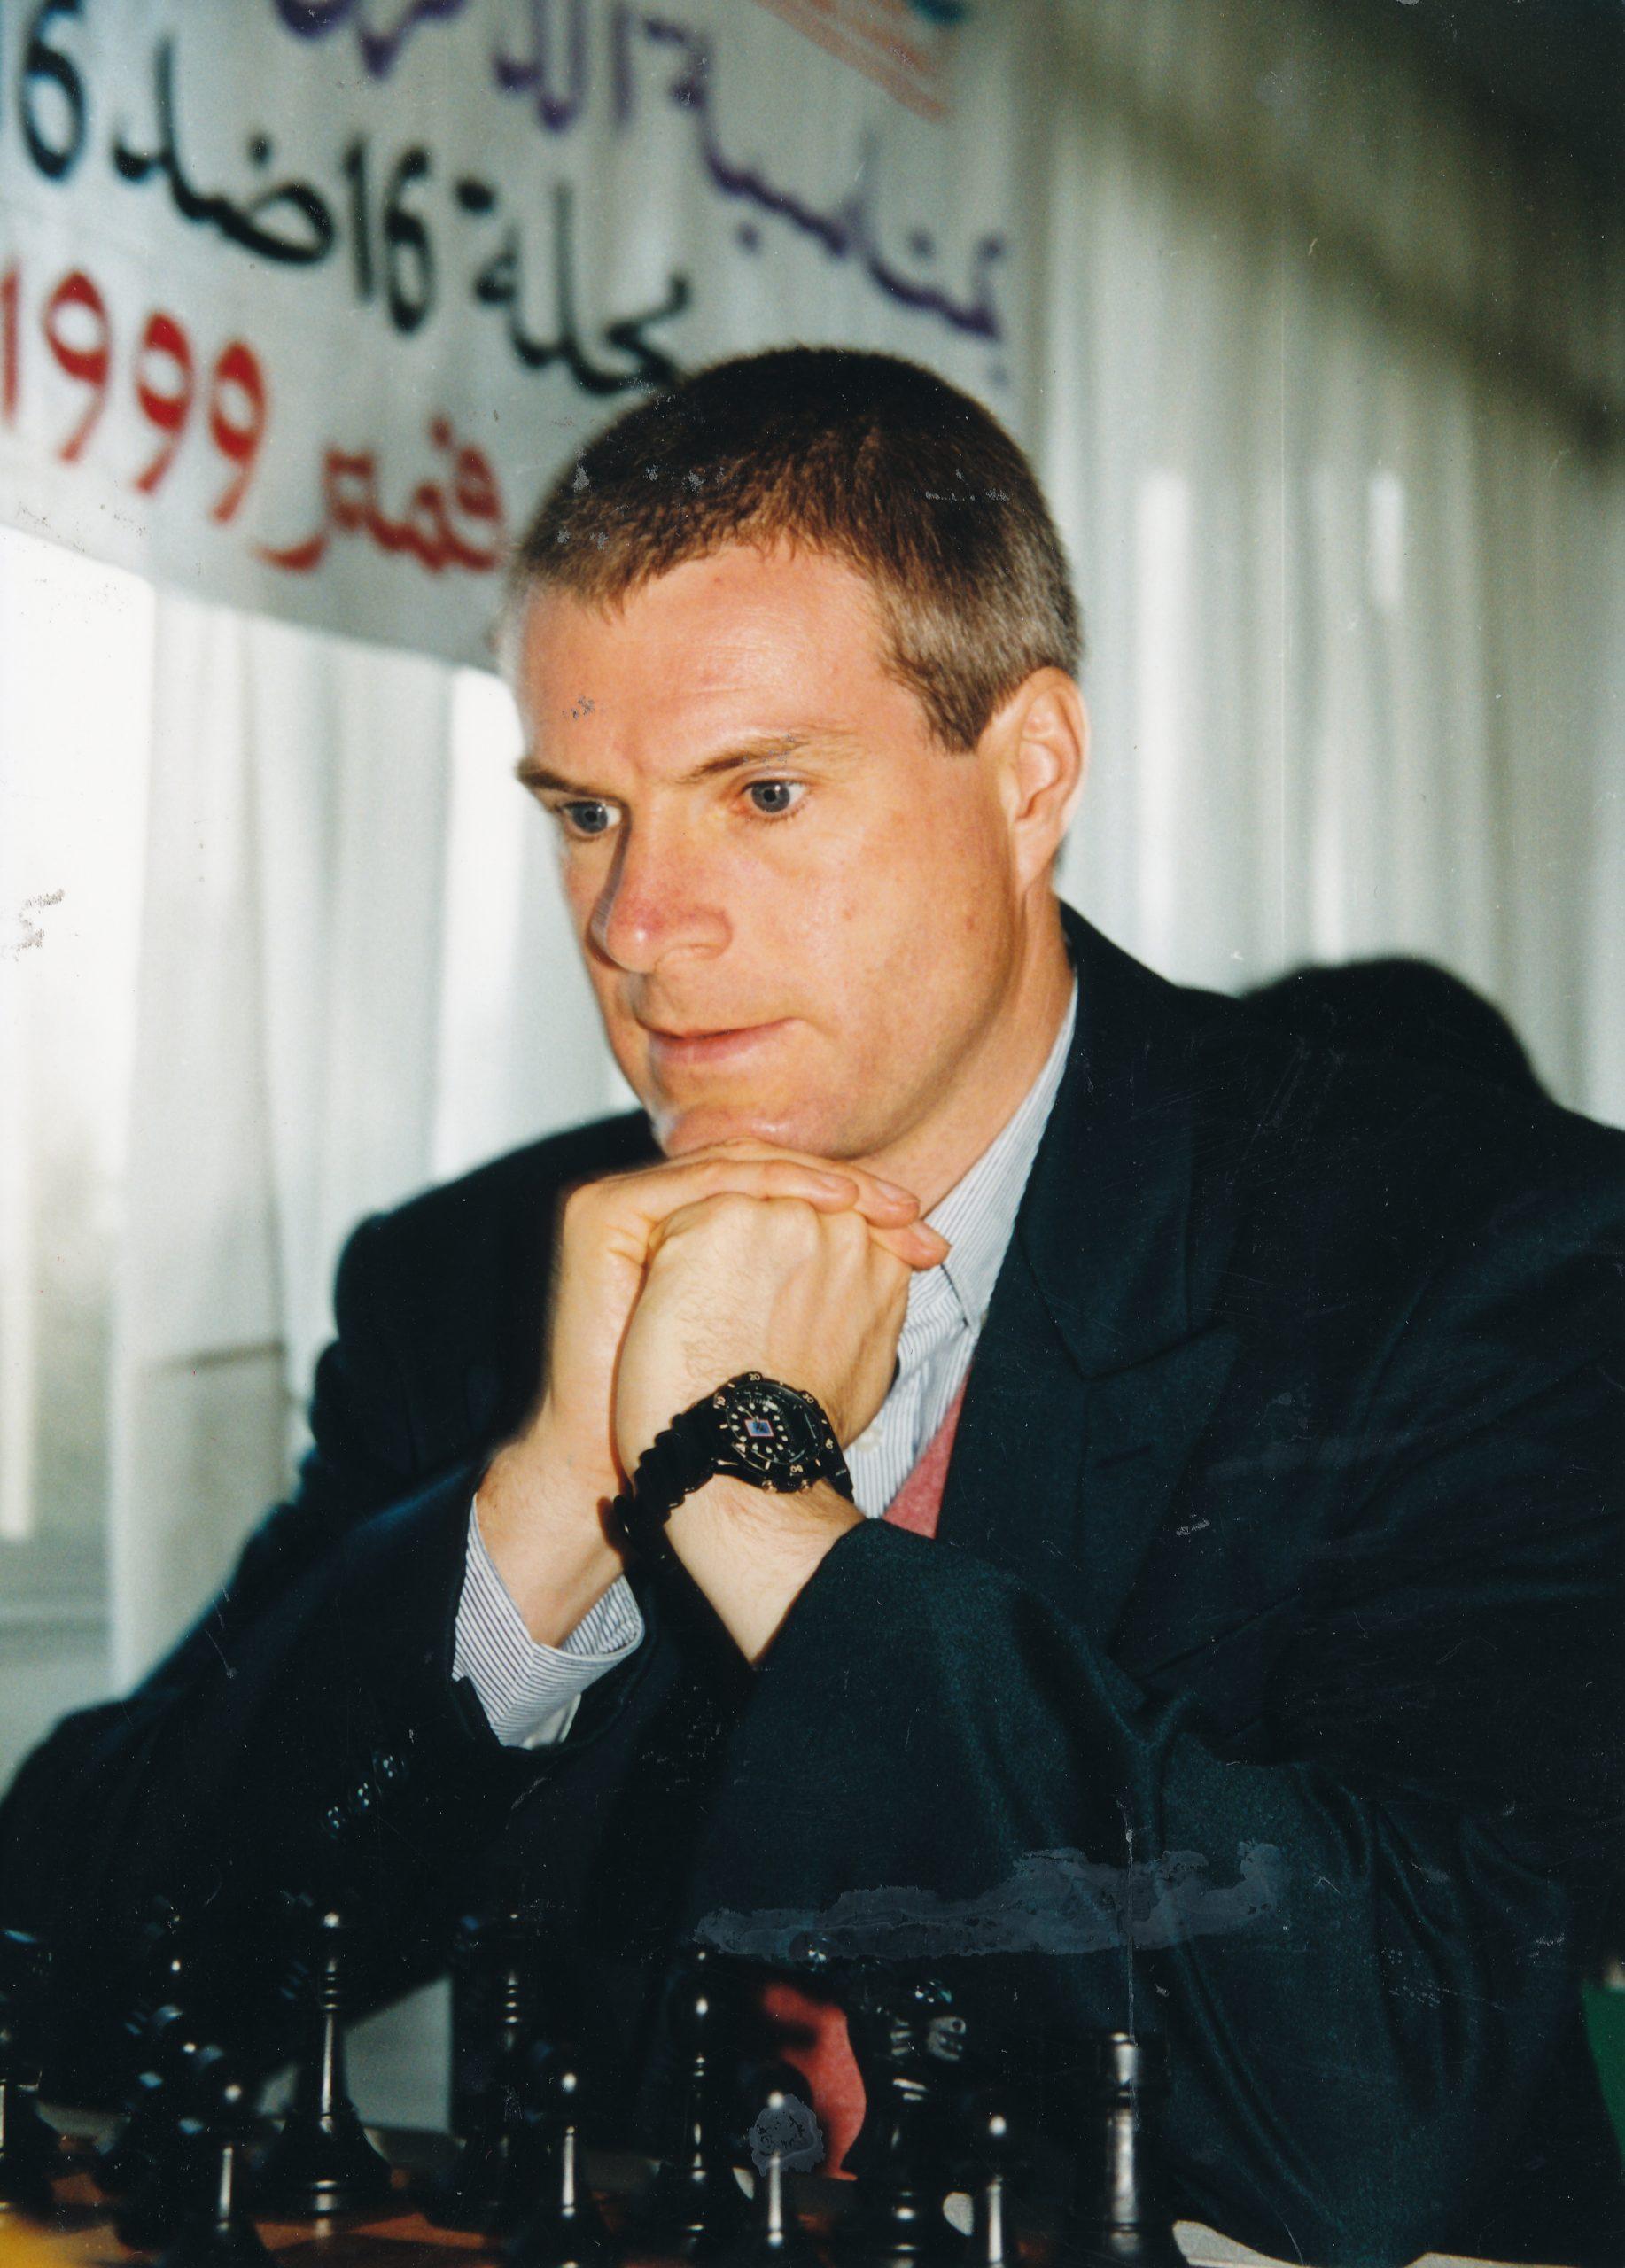 GM Glenn Curtis Flear